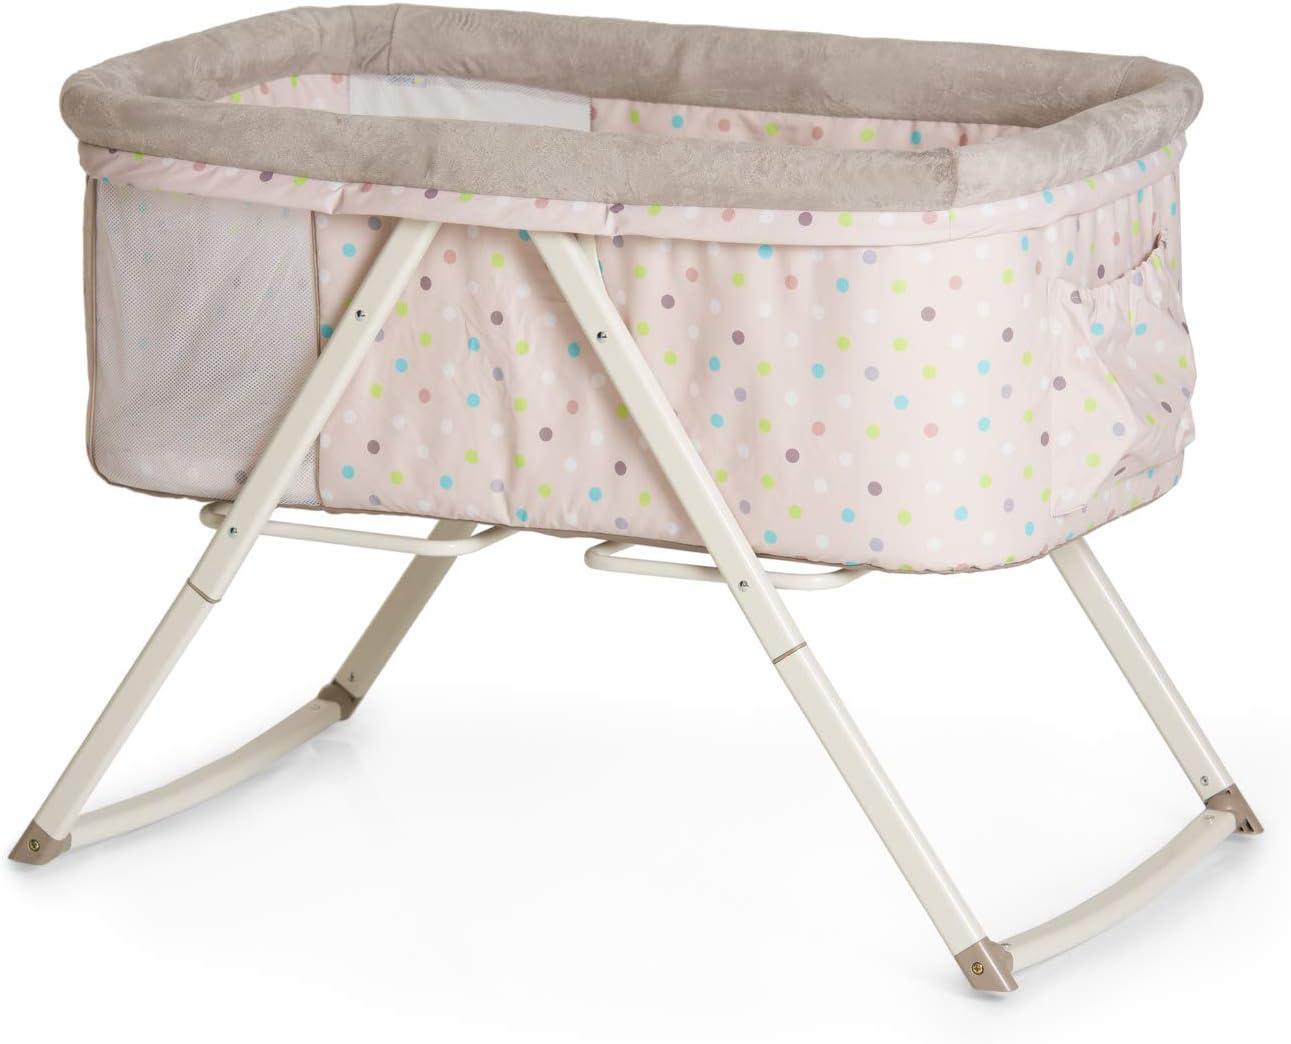 Hauck Dreamer, Moses Basket, Bedside Cot for Babies